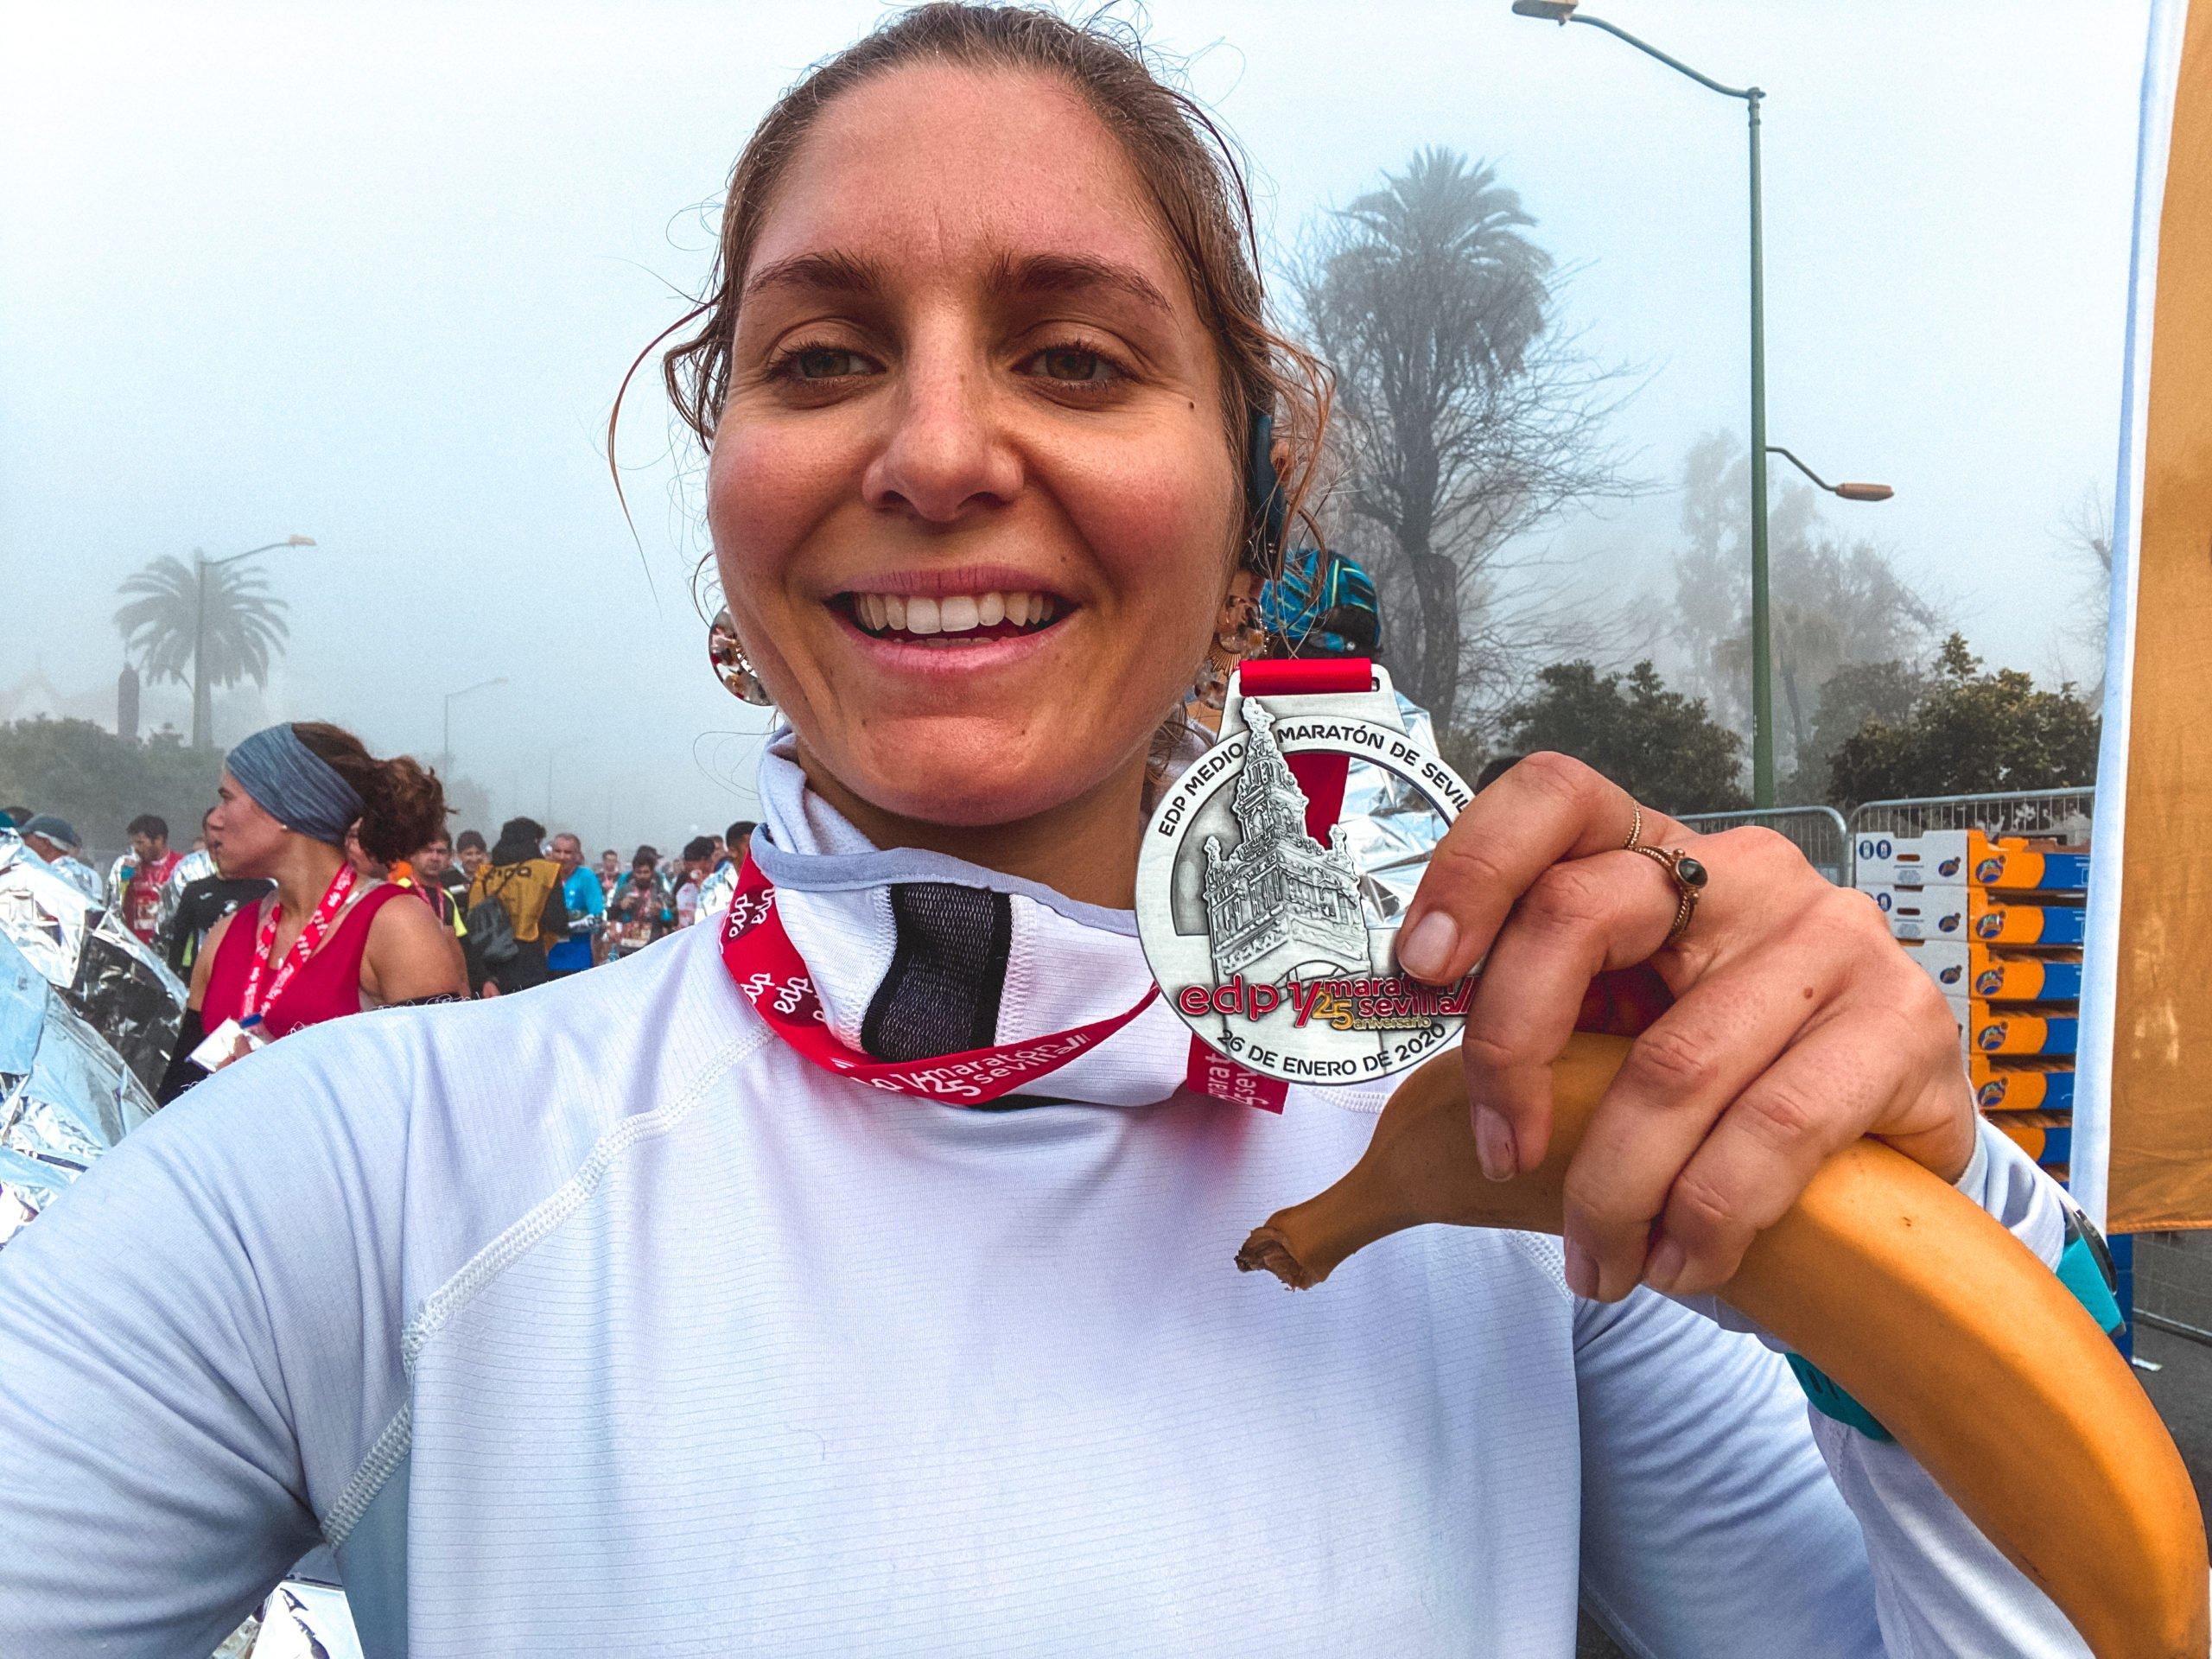 CR Semi-Marathon de Séville 2020: Comment J'ai Battu Mon Record ?